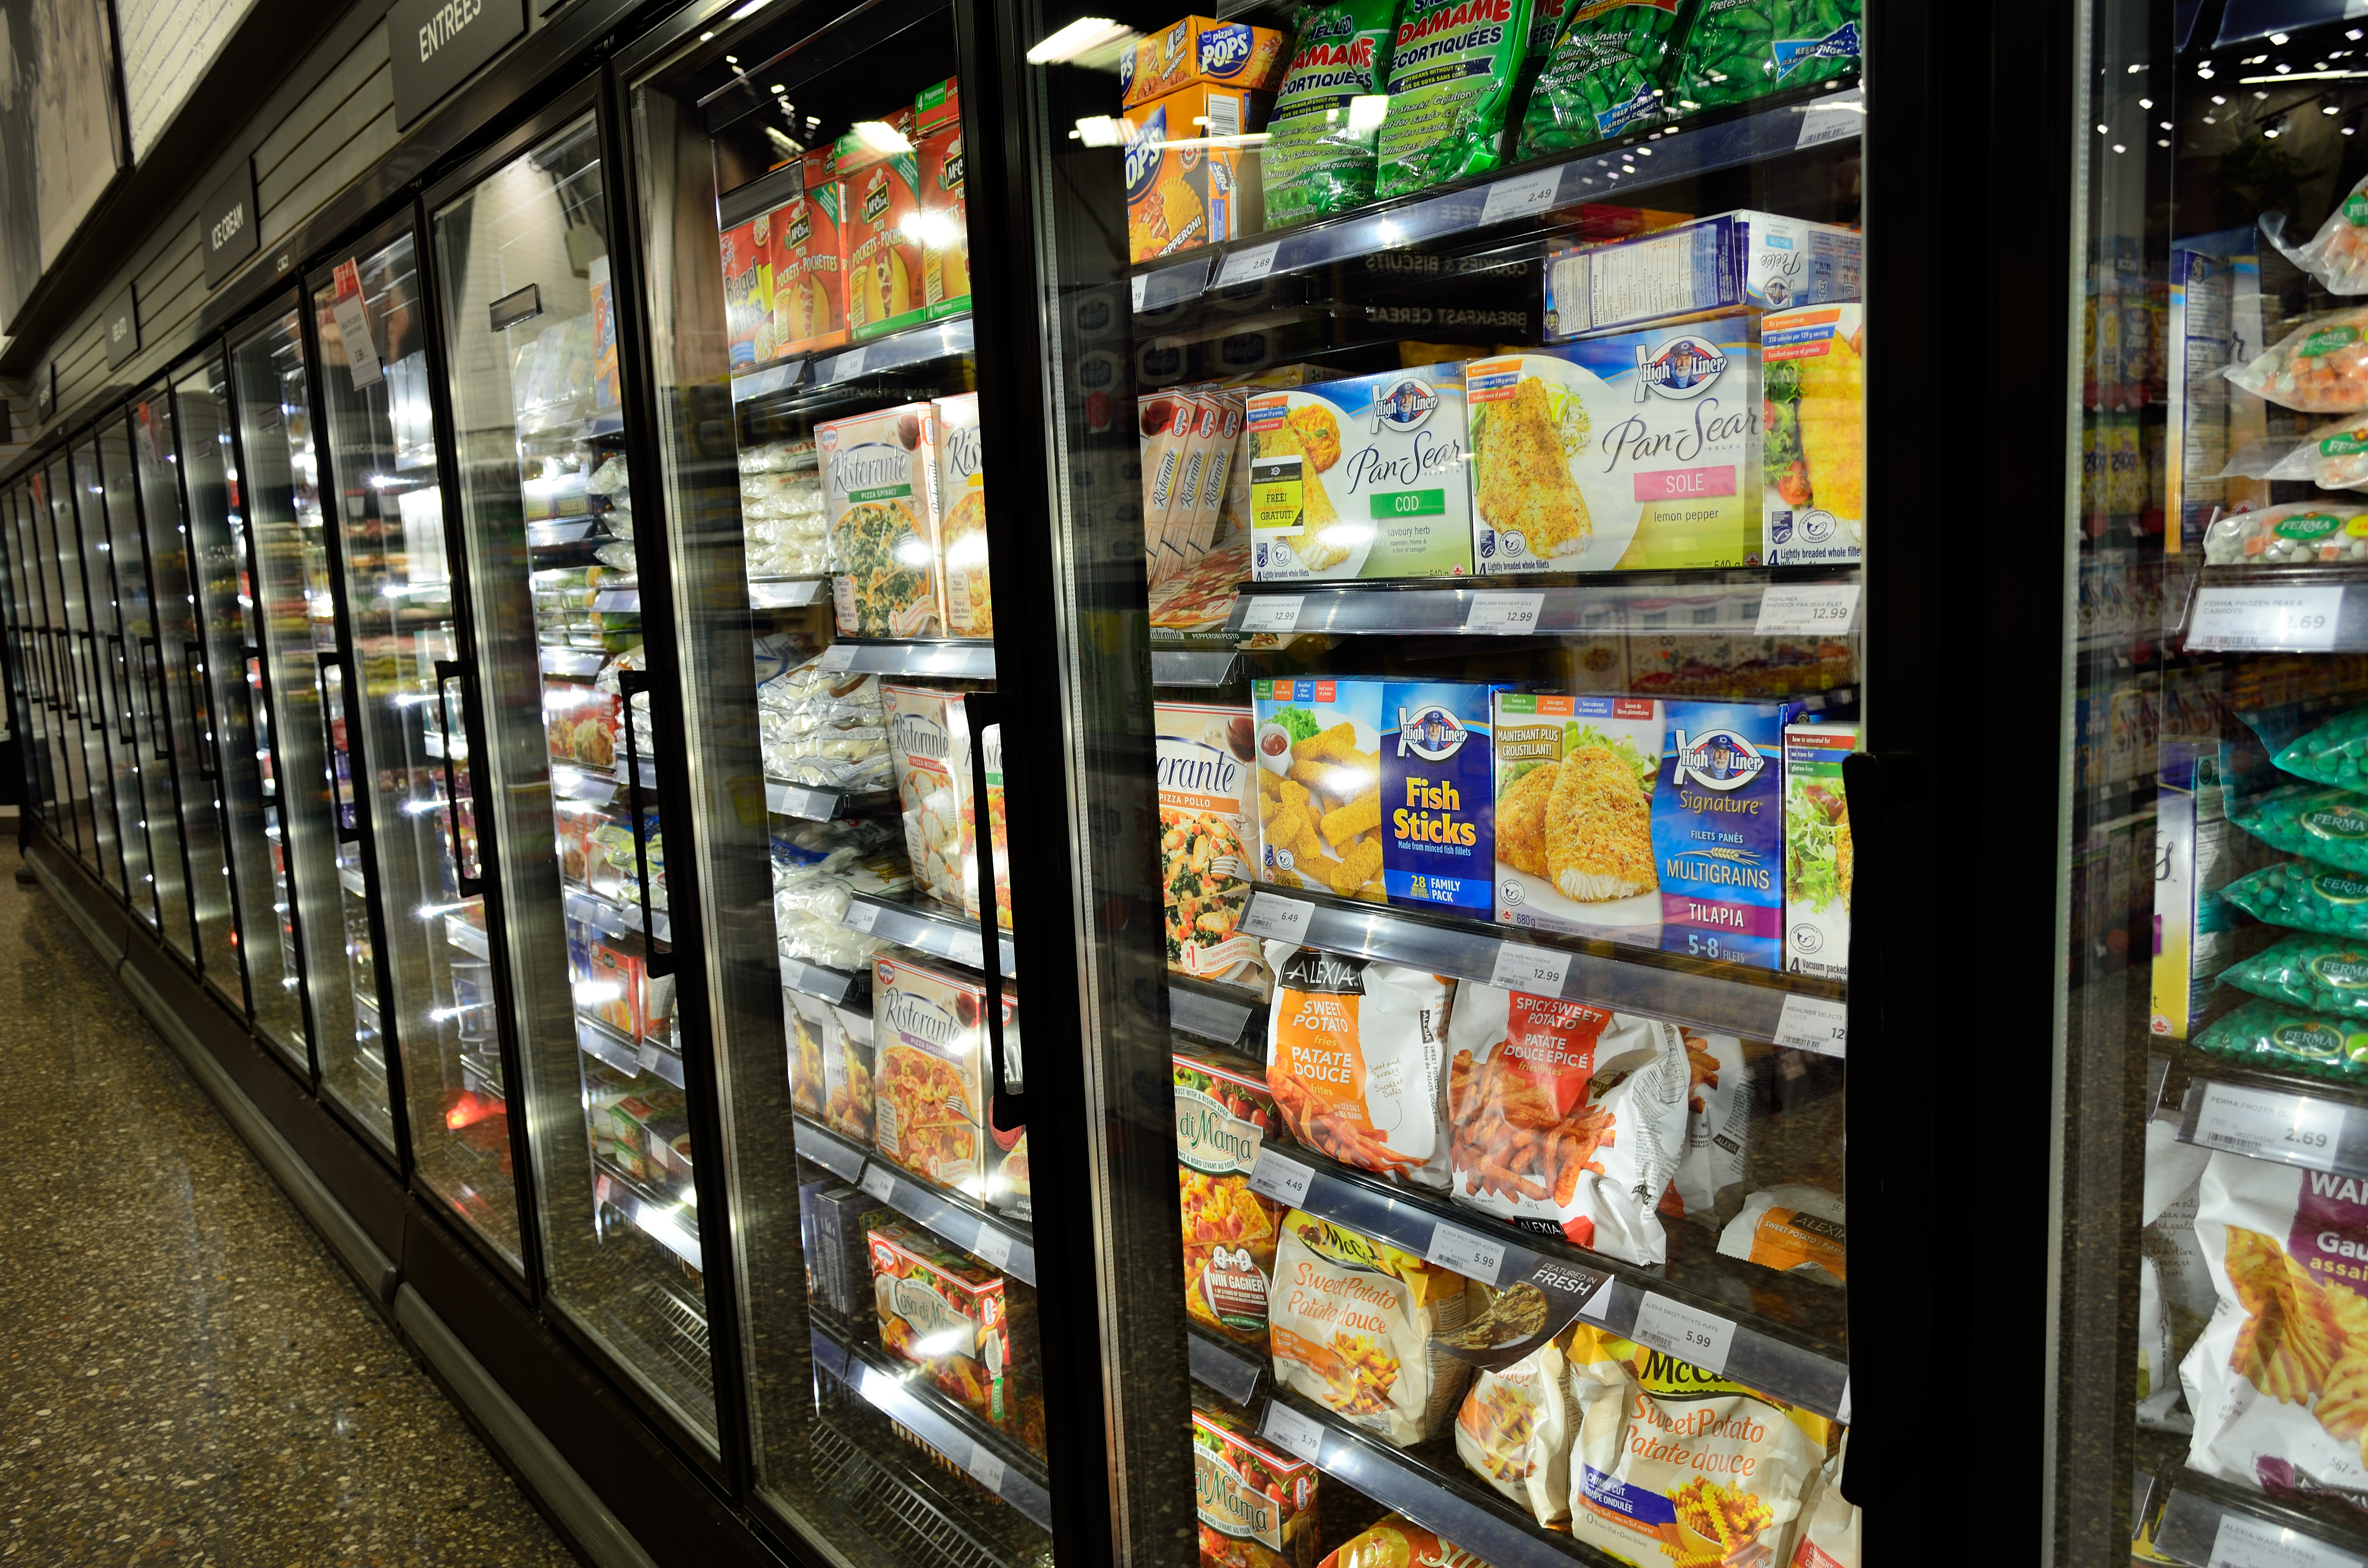 Skrot de gamle industrikøleskab og hjælp miljøet